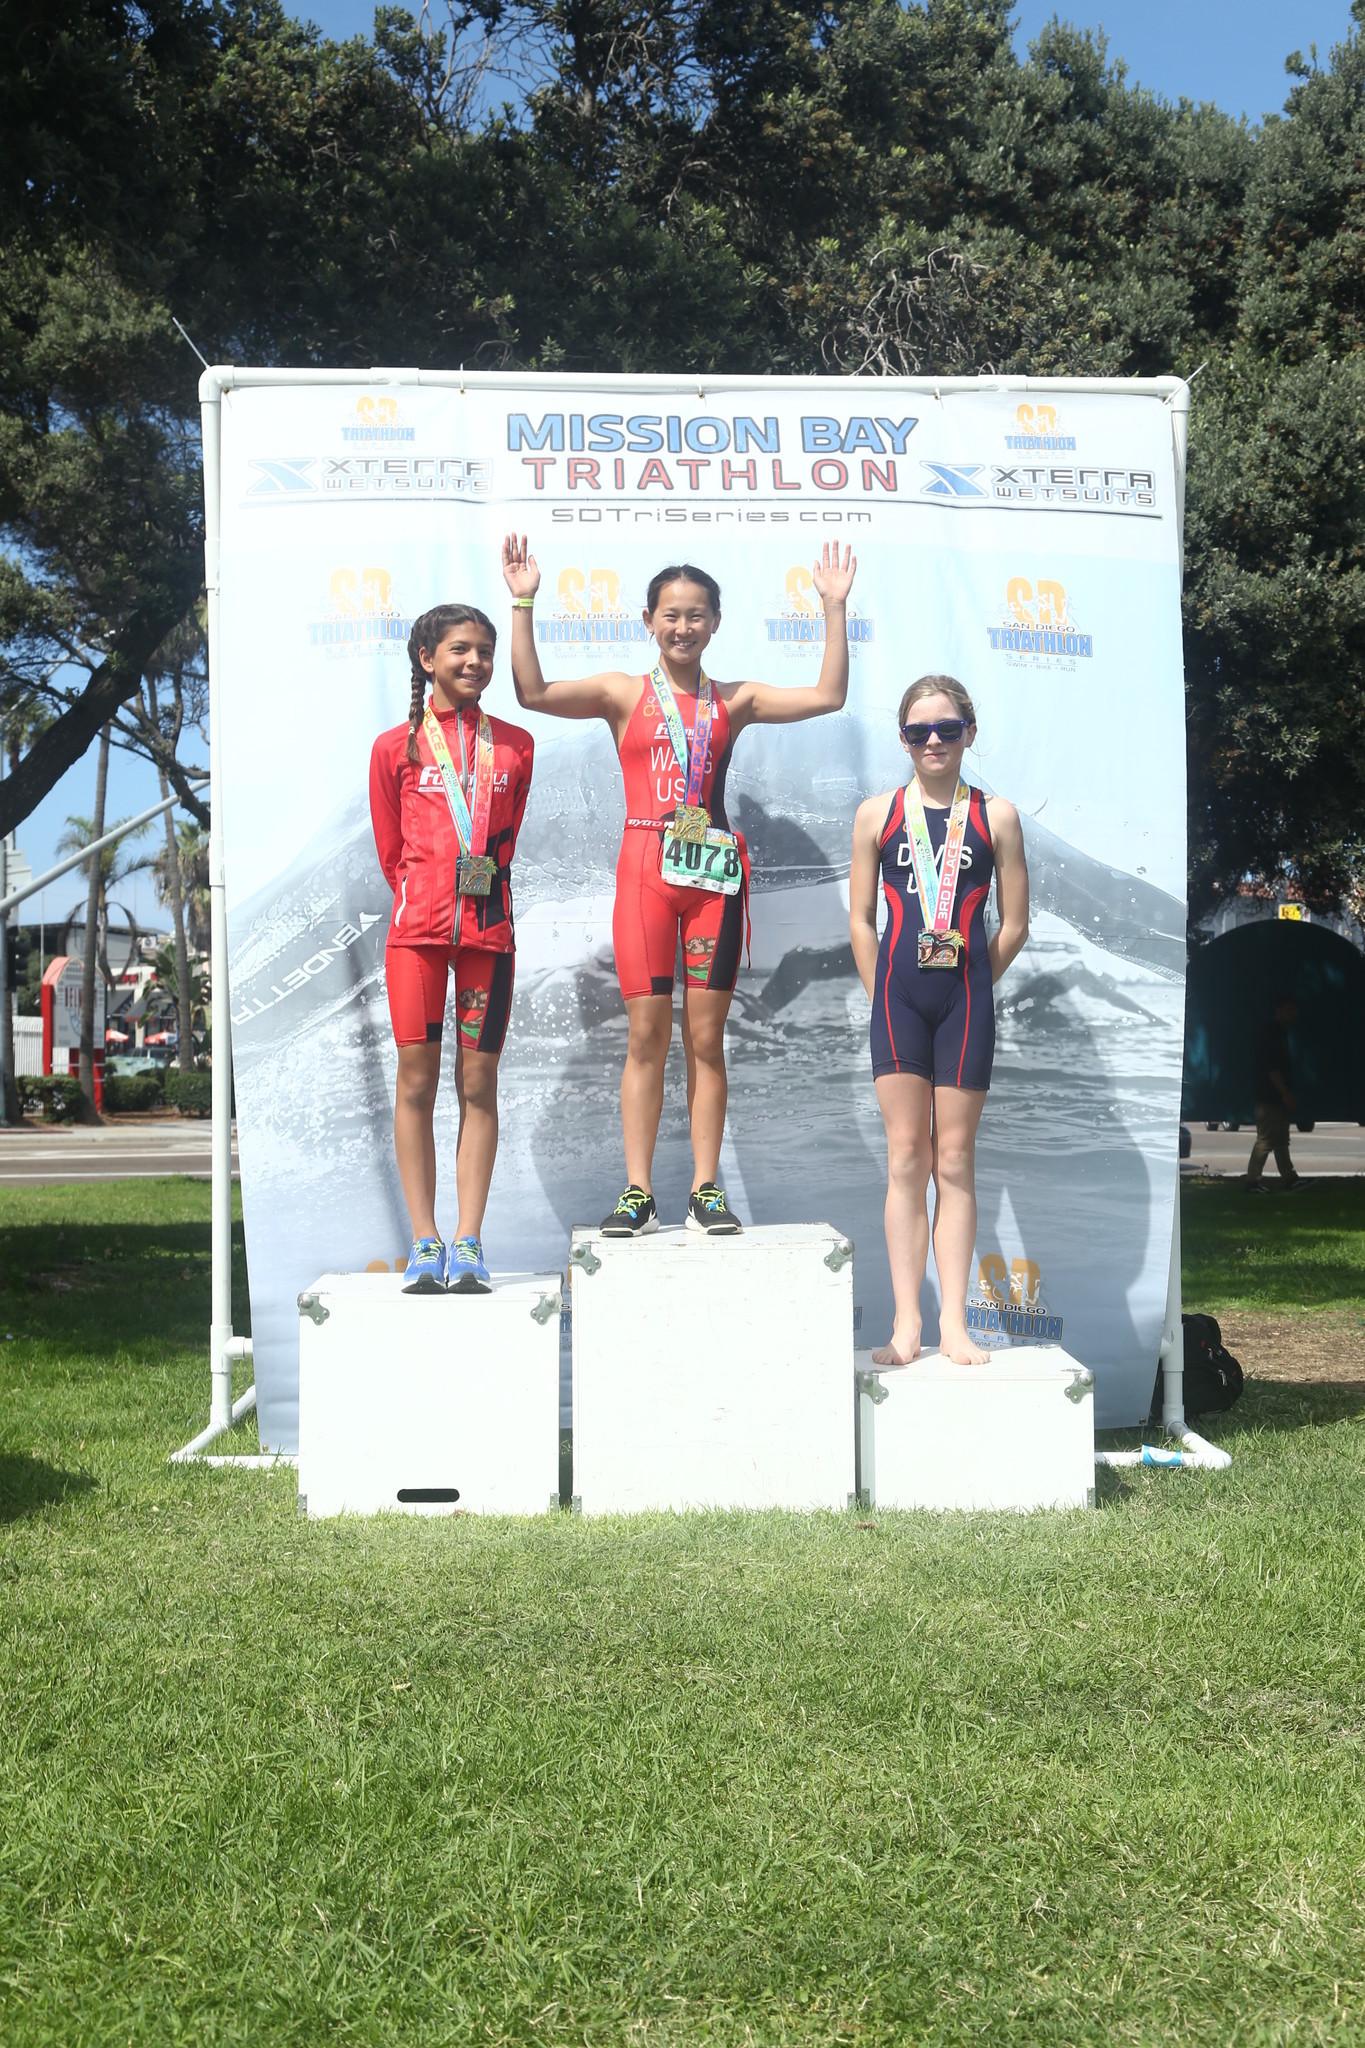 Natalie triathlon